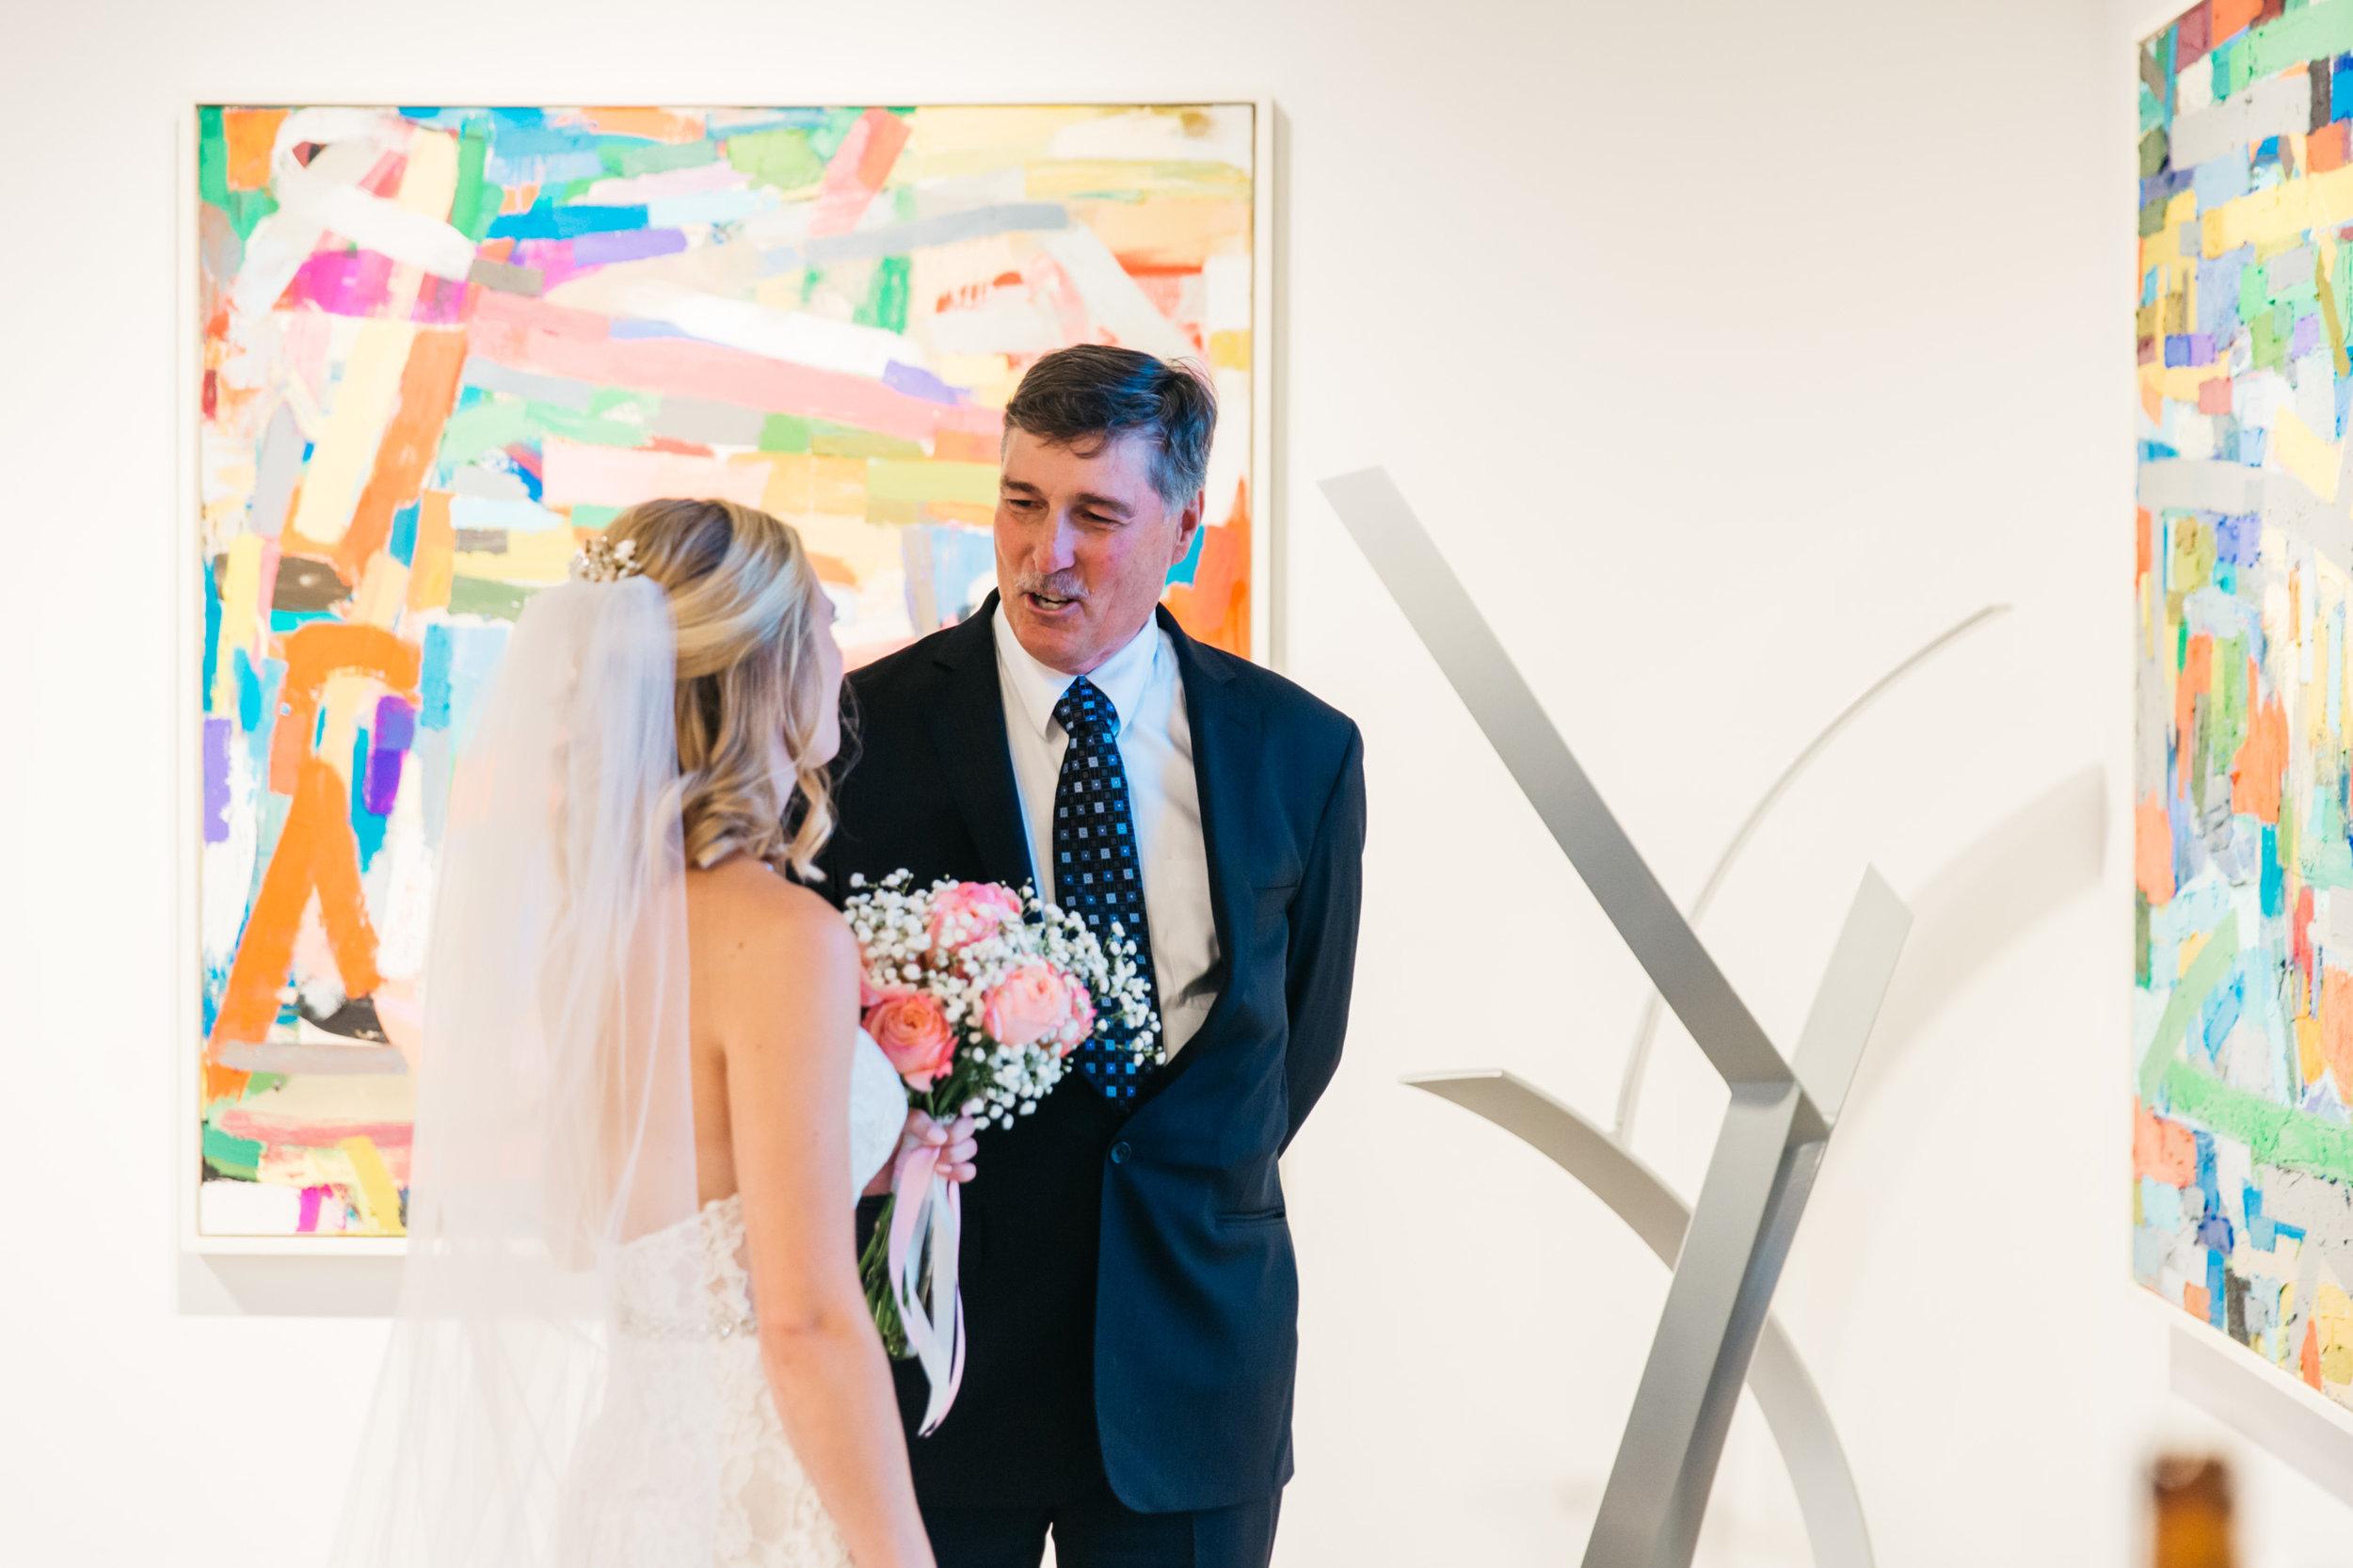 Art gallery wedding ceremony santa fe denver